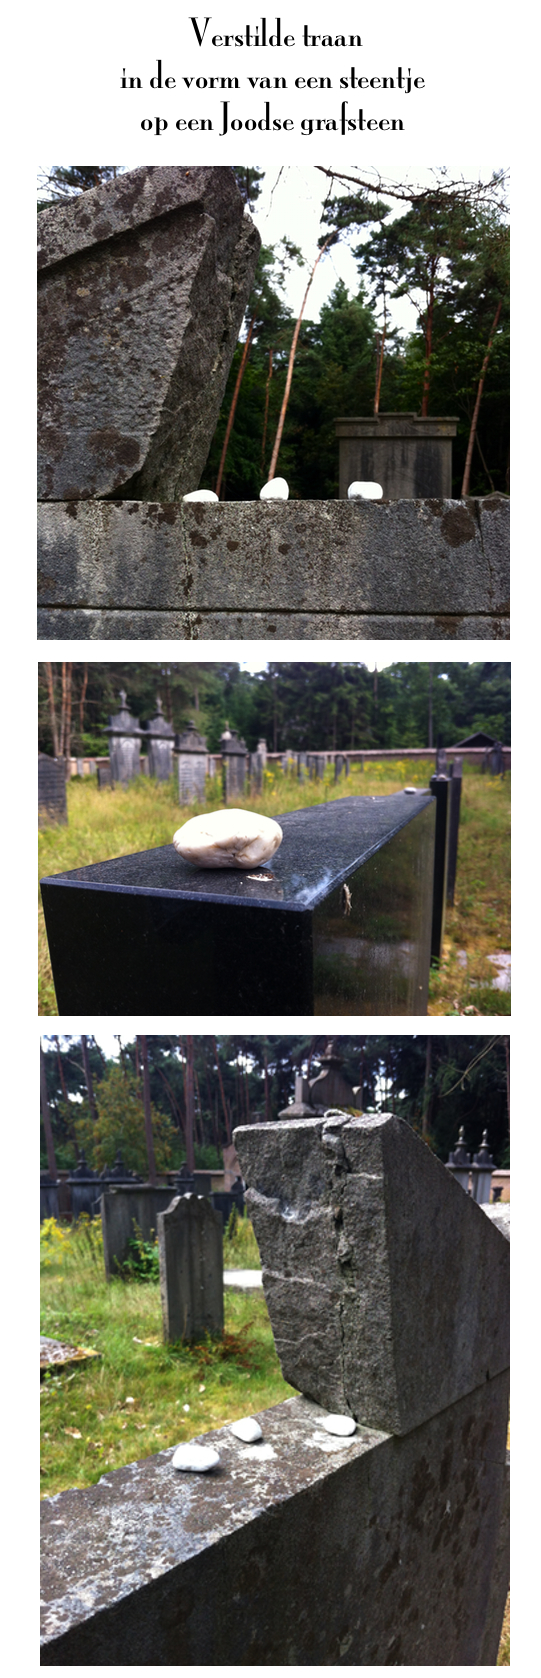 joodse grafsteen